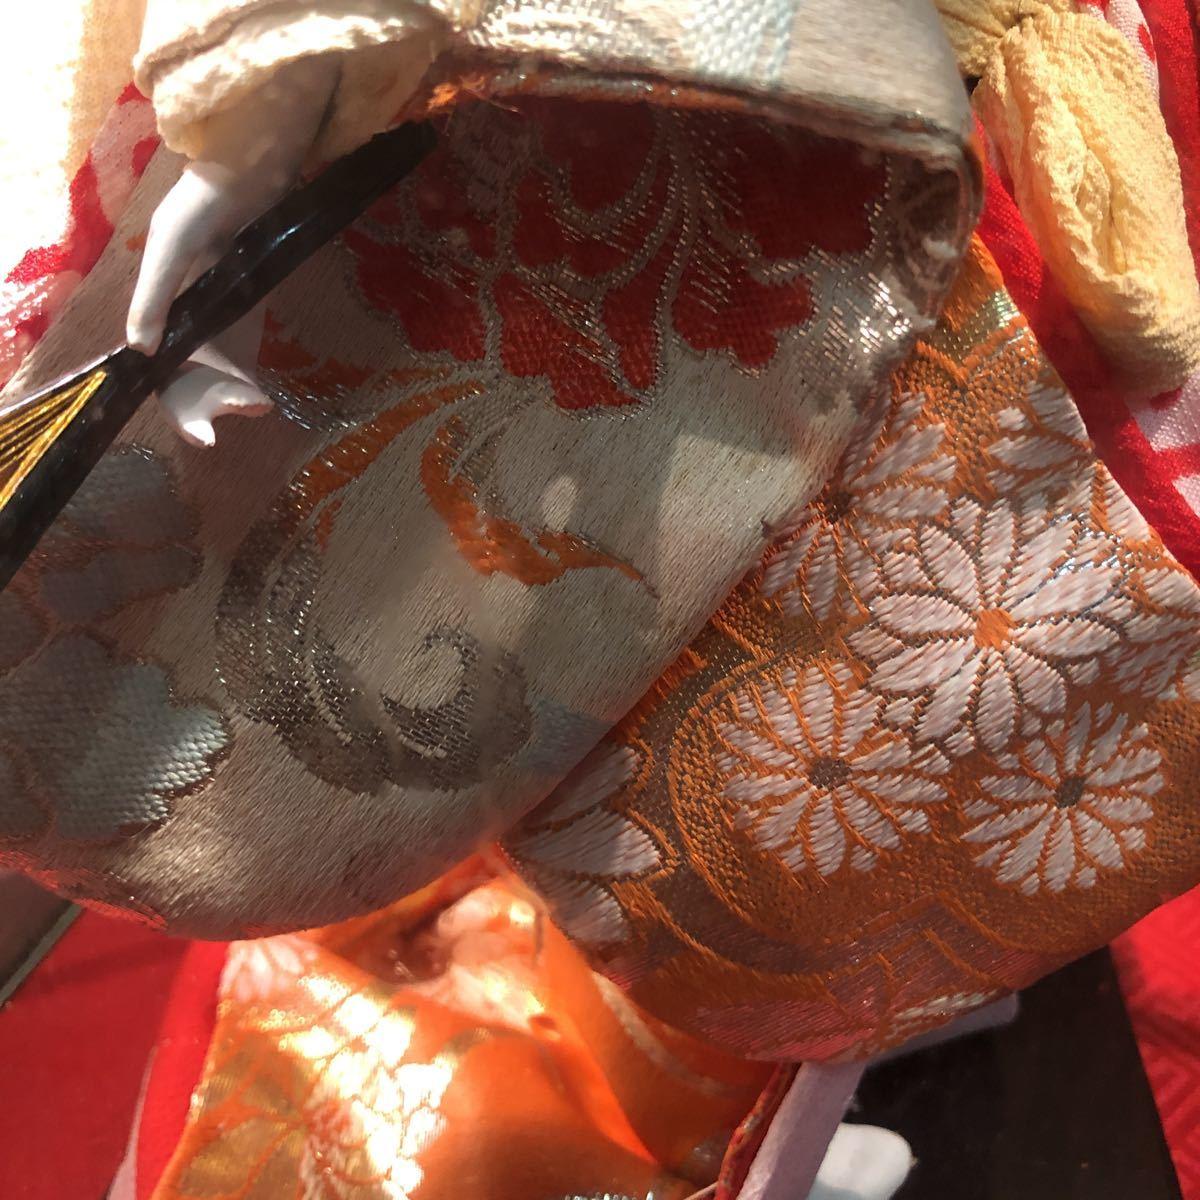 3283 浅妻 古い レトロ 日本人形 ガラスケースつき 昭和レトロ アンティーク 幅29cm高さ43cm奥行き24cm_画像5